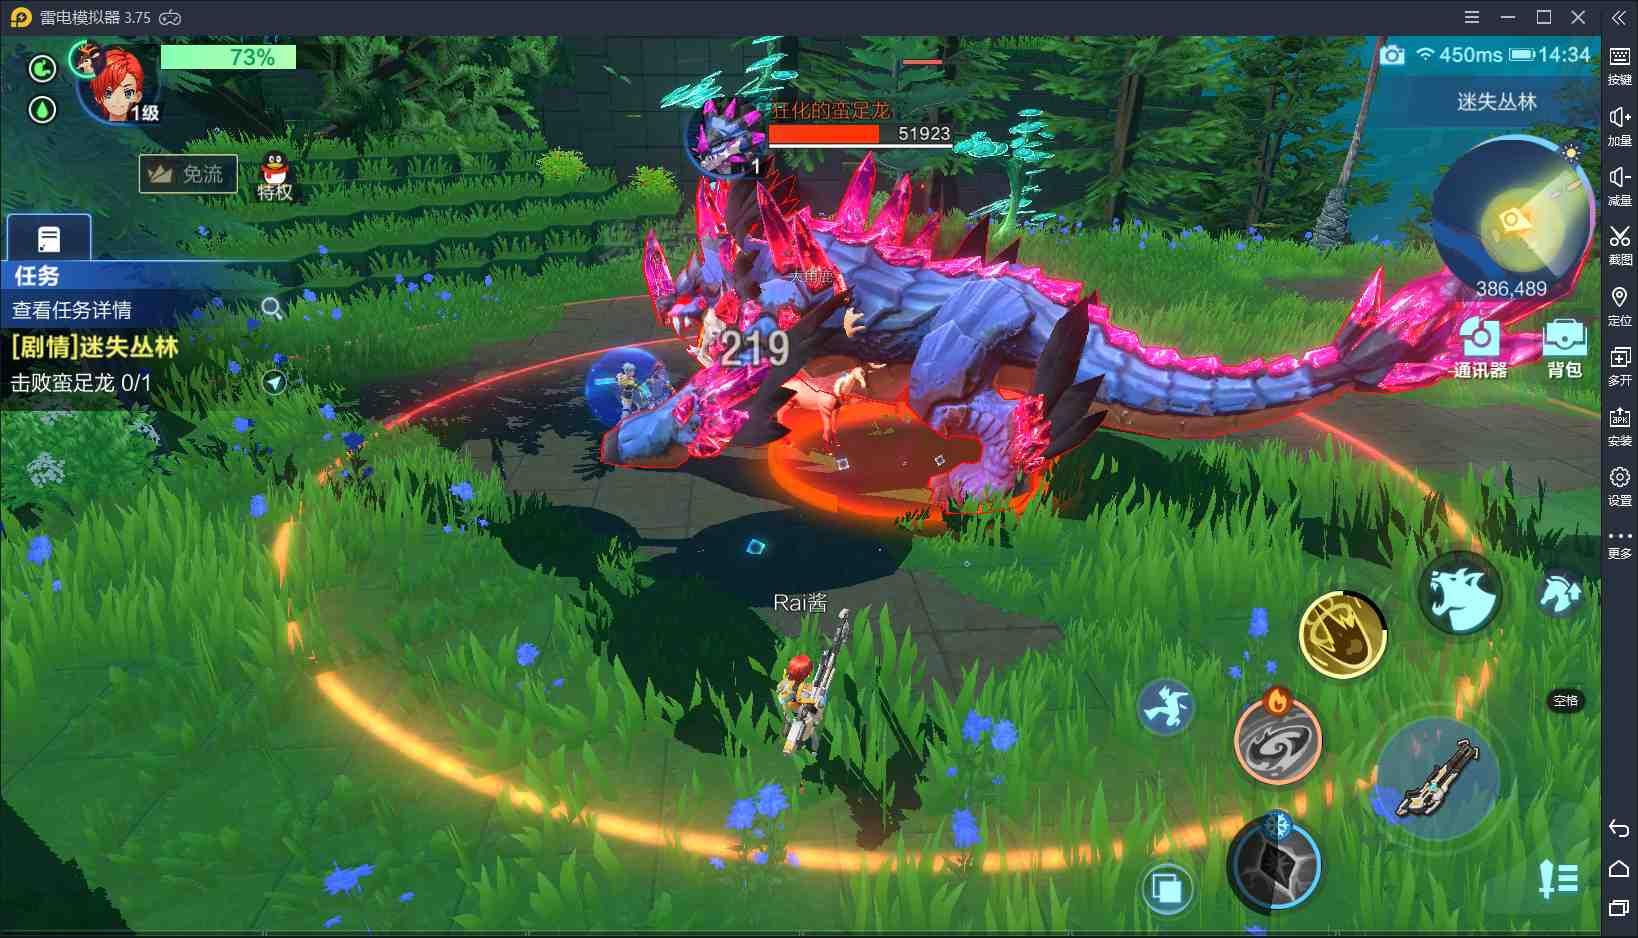 【Rai酱一周新游】《我的起源》正式启航 《梦幻西游三维版》终测来袭